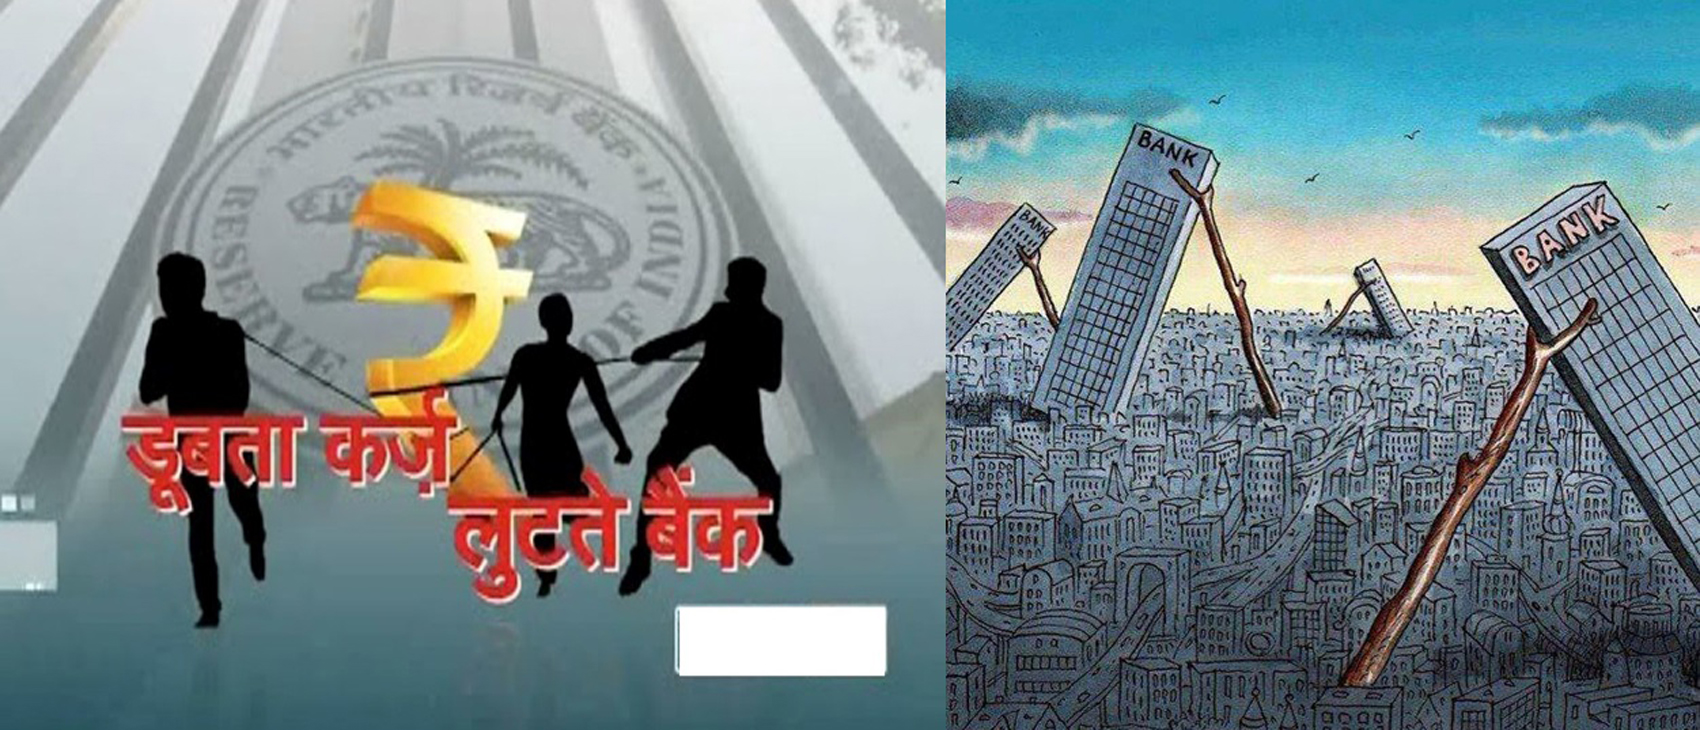 भारत का बैंकिंग सेक्टर कहीं दीवालियापन की ओर तो नहीं बढ़ रहा है ?